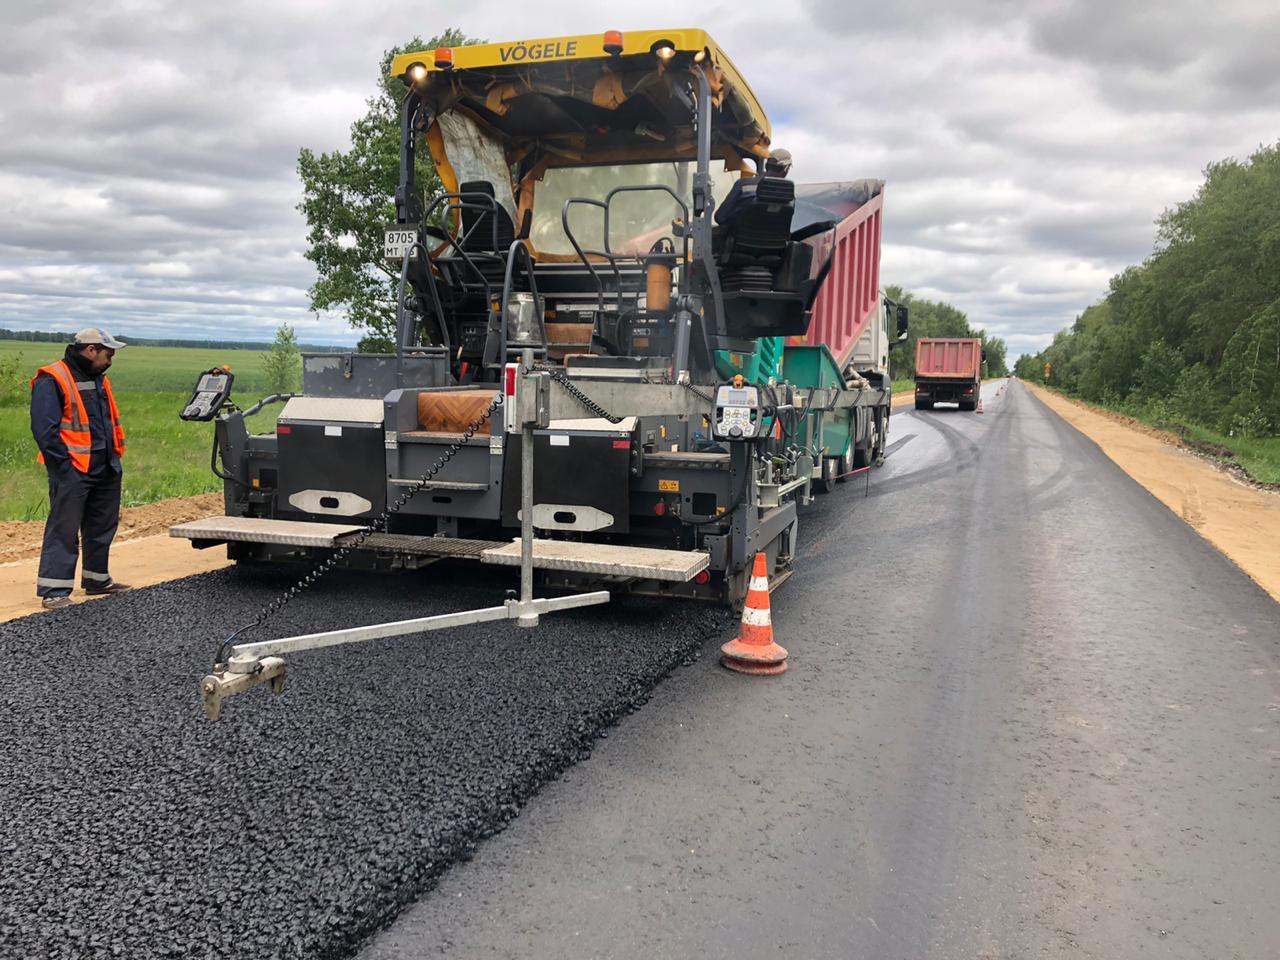 Российским регионам выделят 200 миллиардов на дороги и стабилизацию бюджетов #Омск #Общество #Сегодня